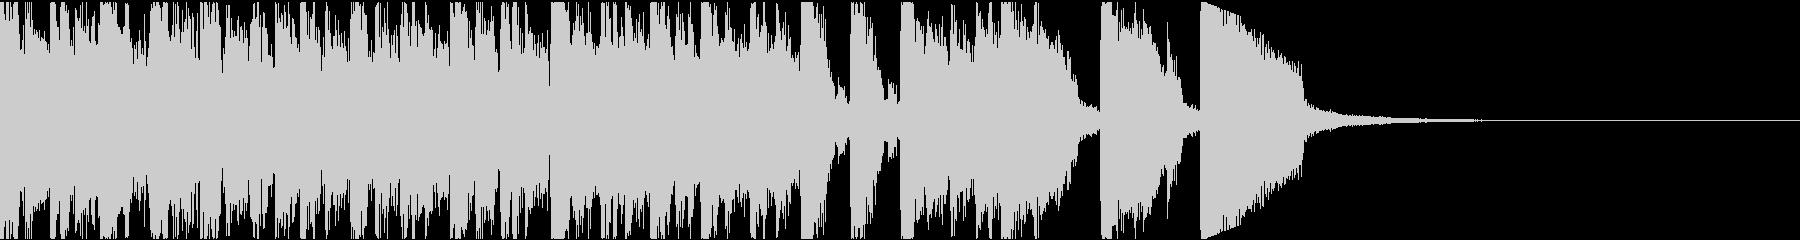 ハイテンション電子音コミカル/ジングルの未再生の波形